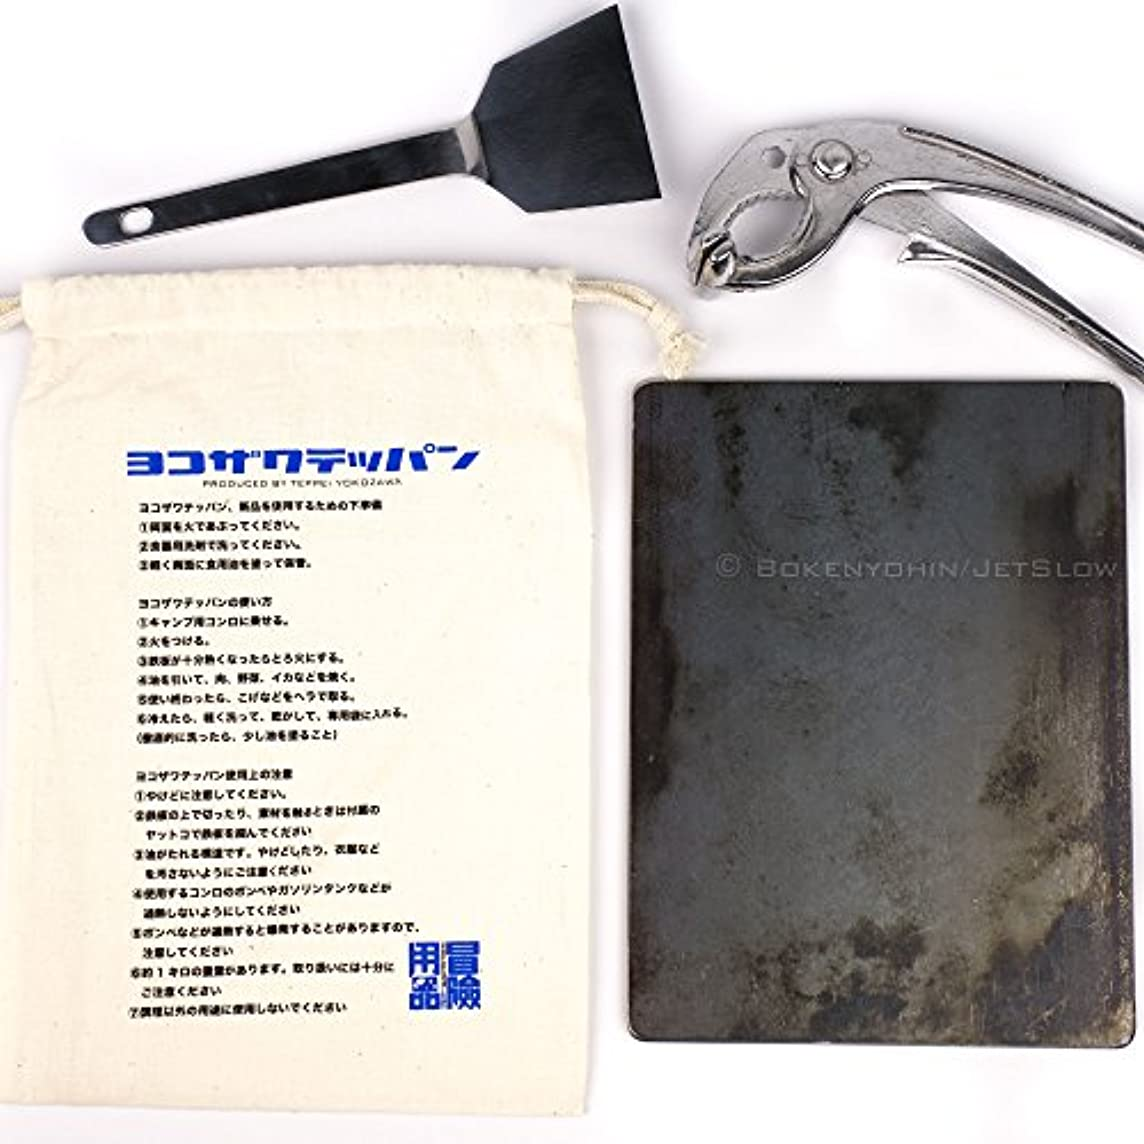 第九読みやすい作り上げるジェットスロウ 冒険用品 ヨコザワテッパン(横沢鉄板) A5サイズ